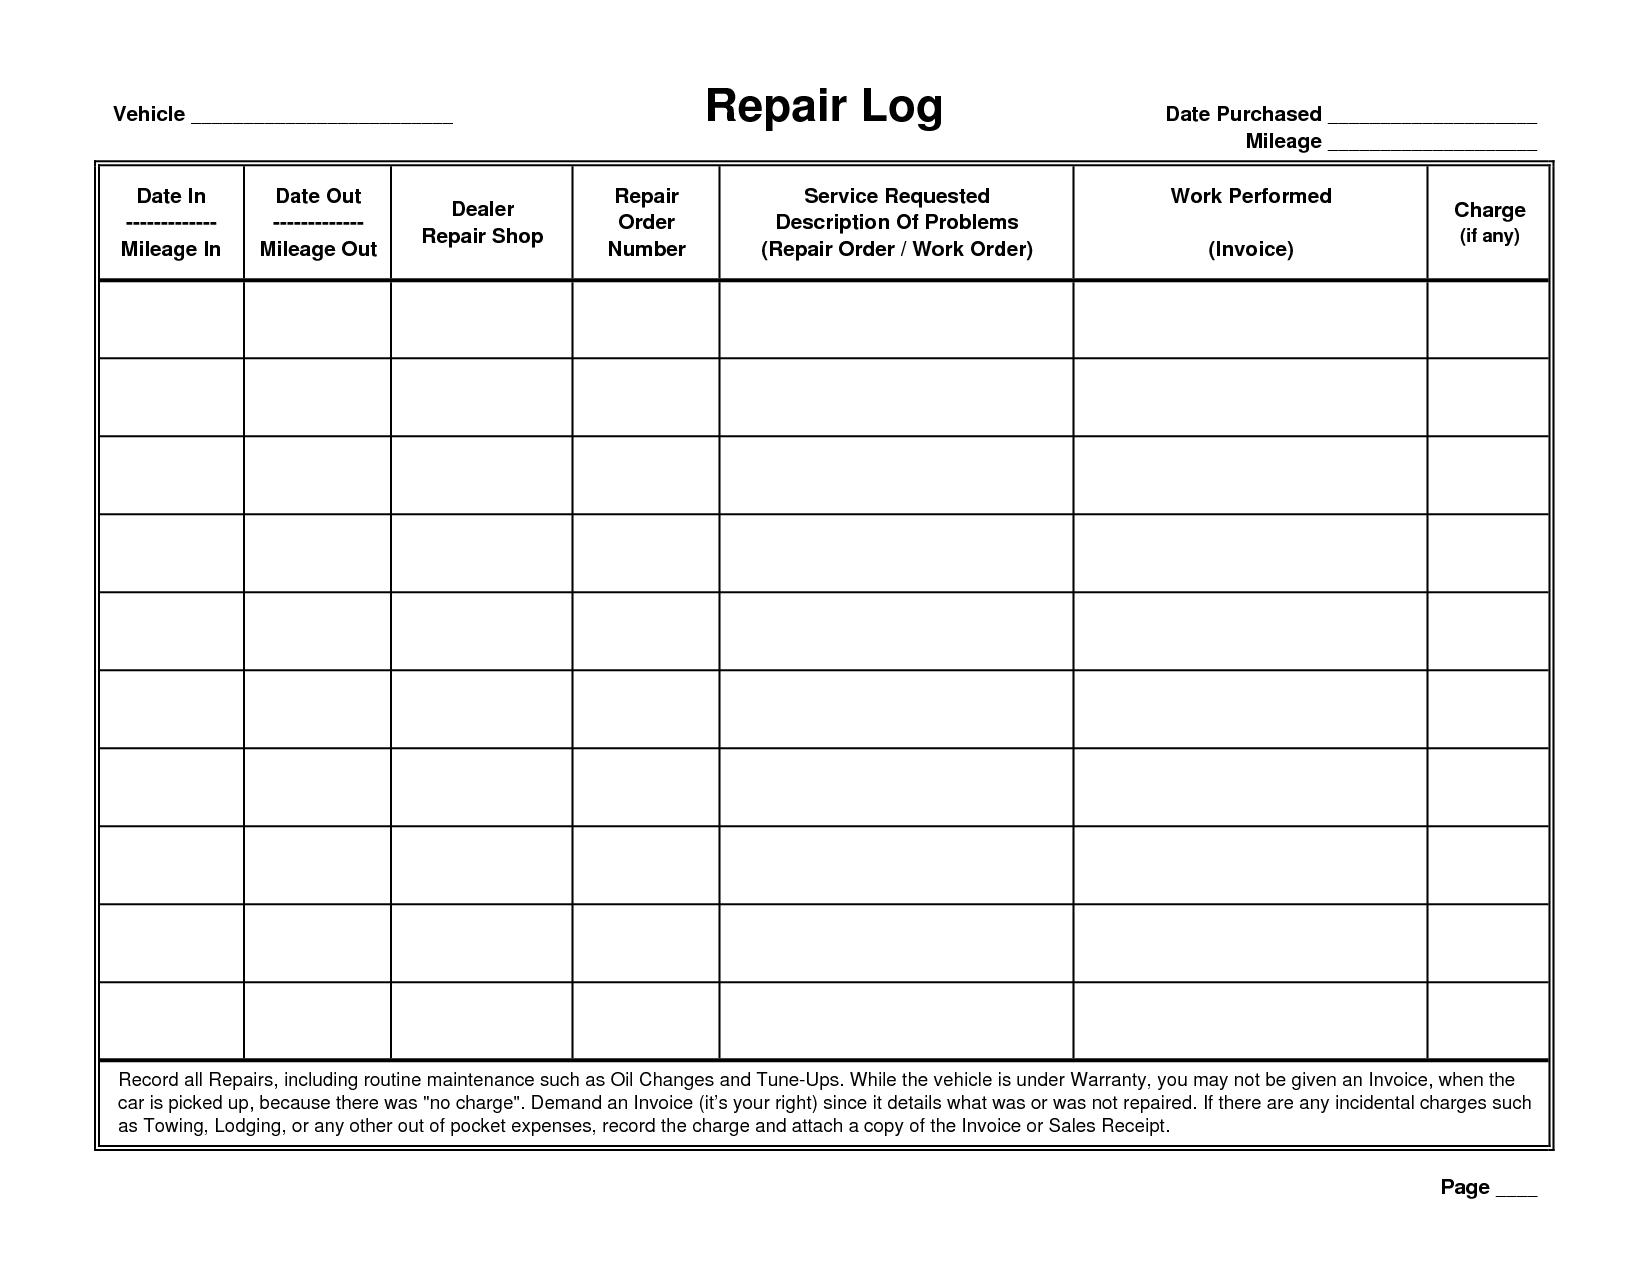 7 Best Images of Printable Vehicle Repair Log - Free ...